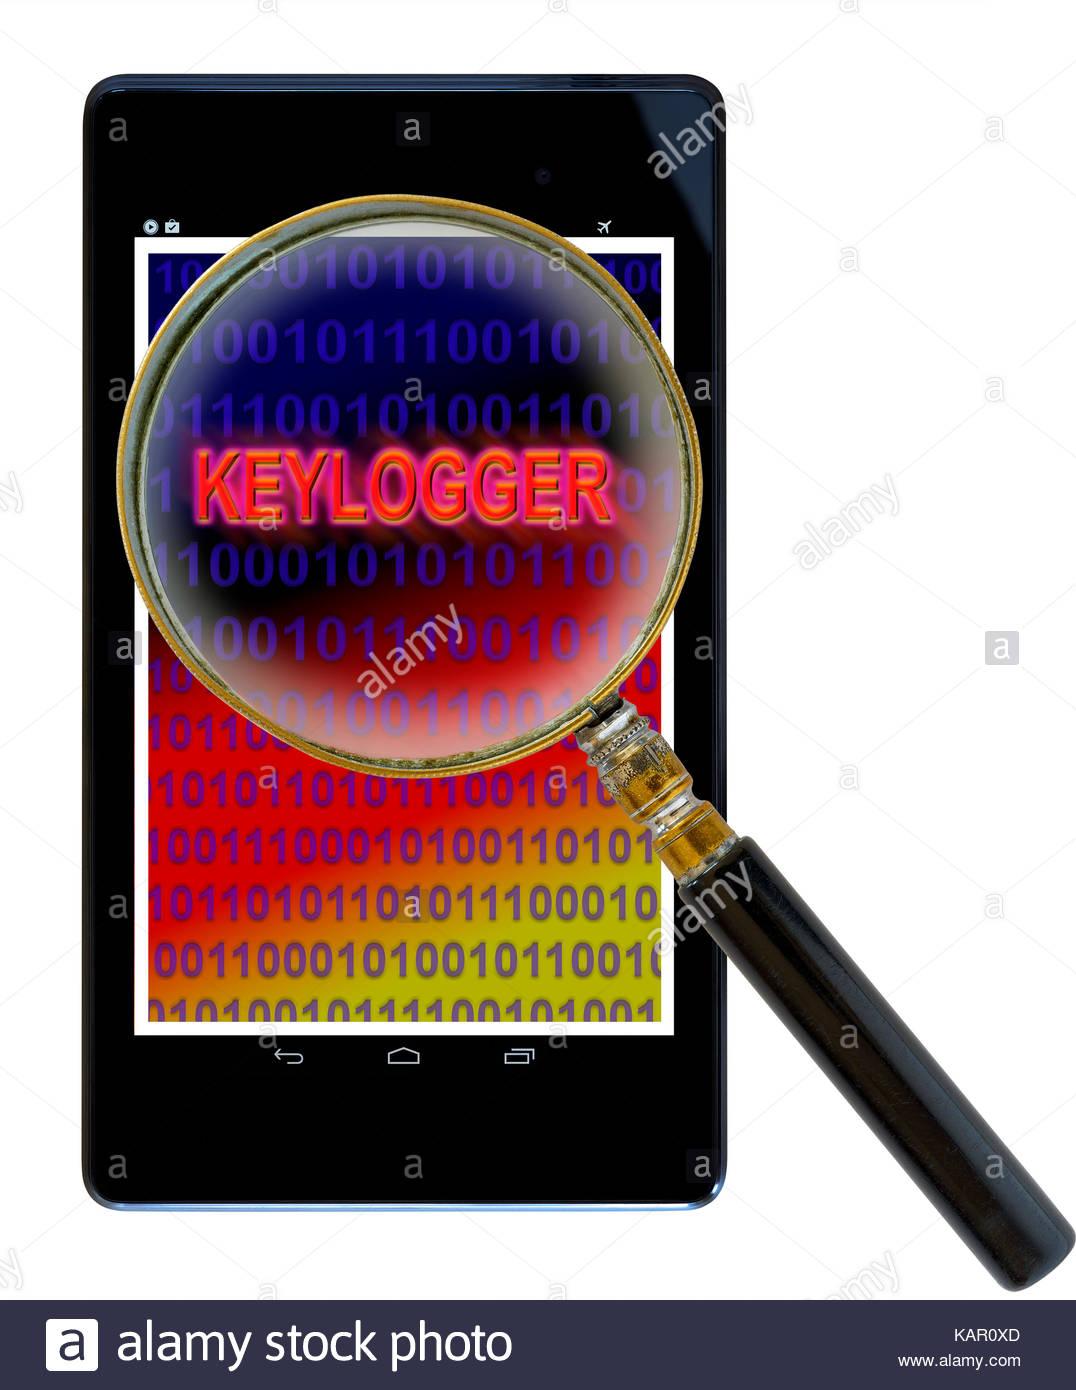 Keylogger Stock Photos & Keylogger Stock Images - Alamy